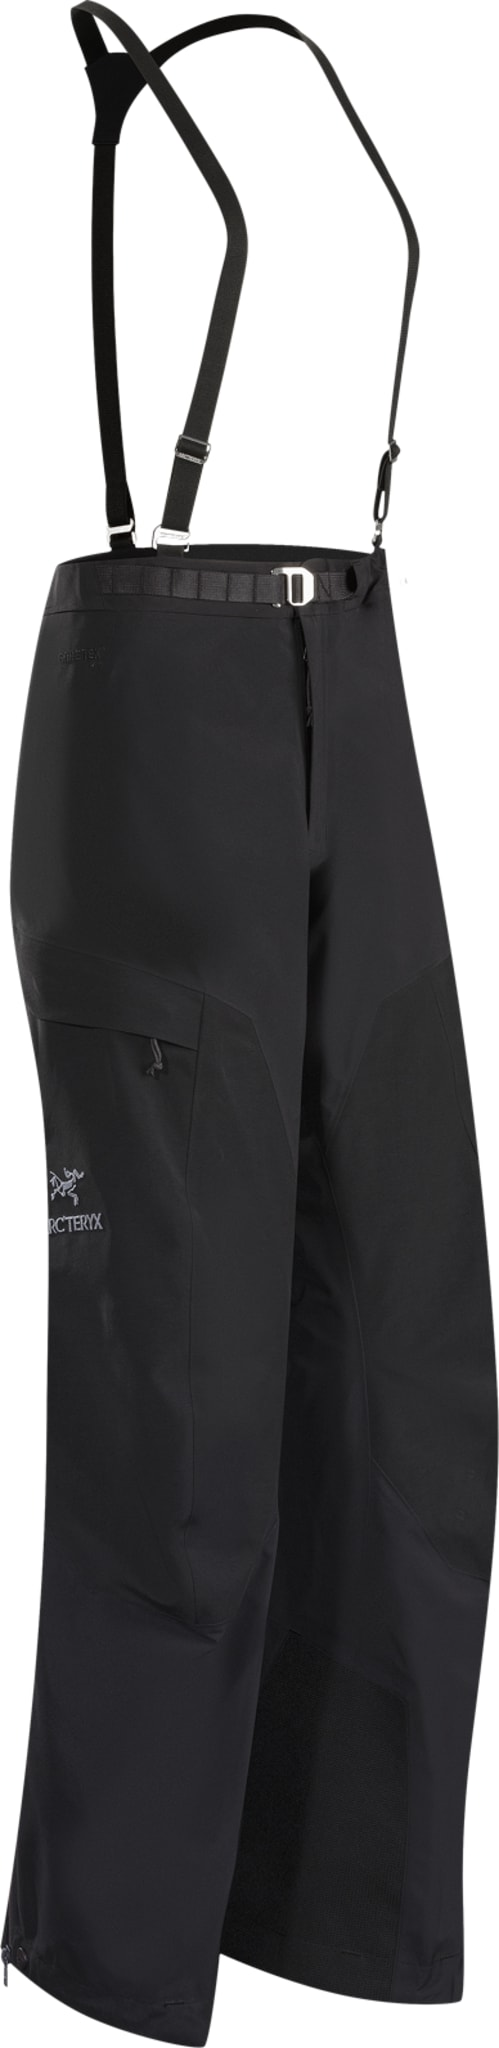 Allsidig, lett, slitesterk GTX® Pro-bukse for klatrere og fjellsportentusiaster.